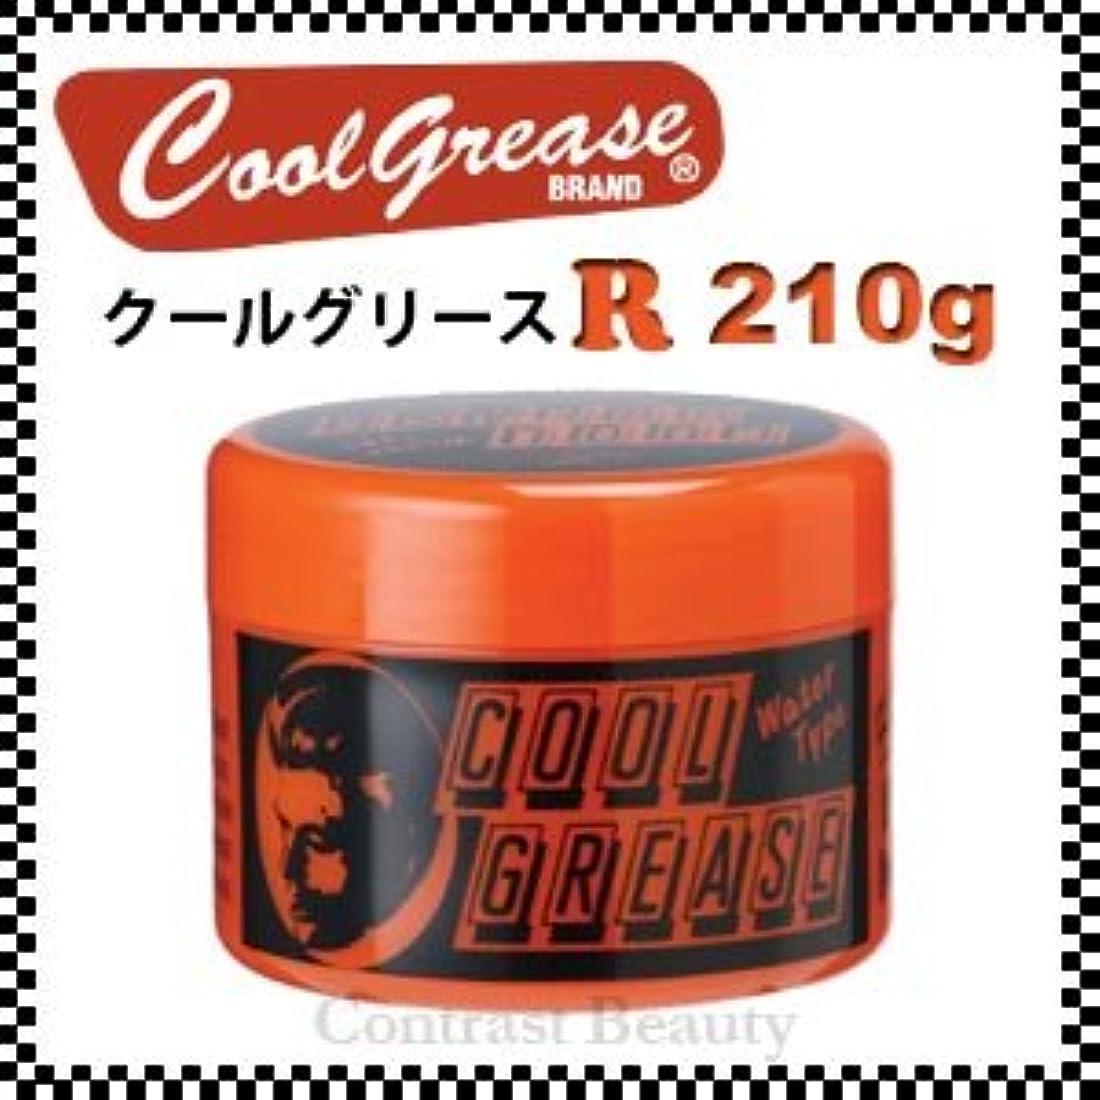 クック懲戒薬理学【X2個セット】 阪本高生堂 クールグリース R 210g